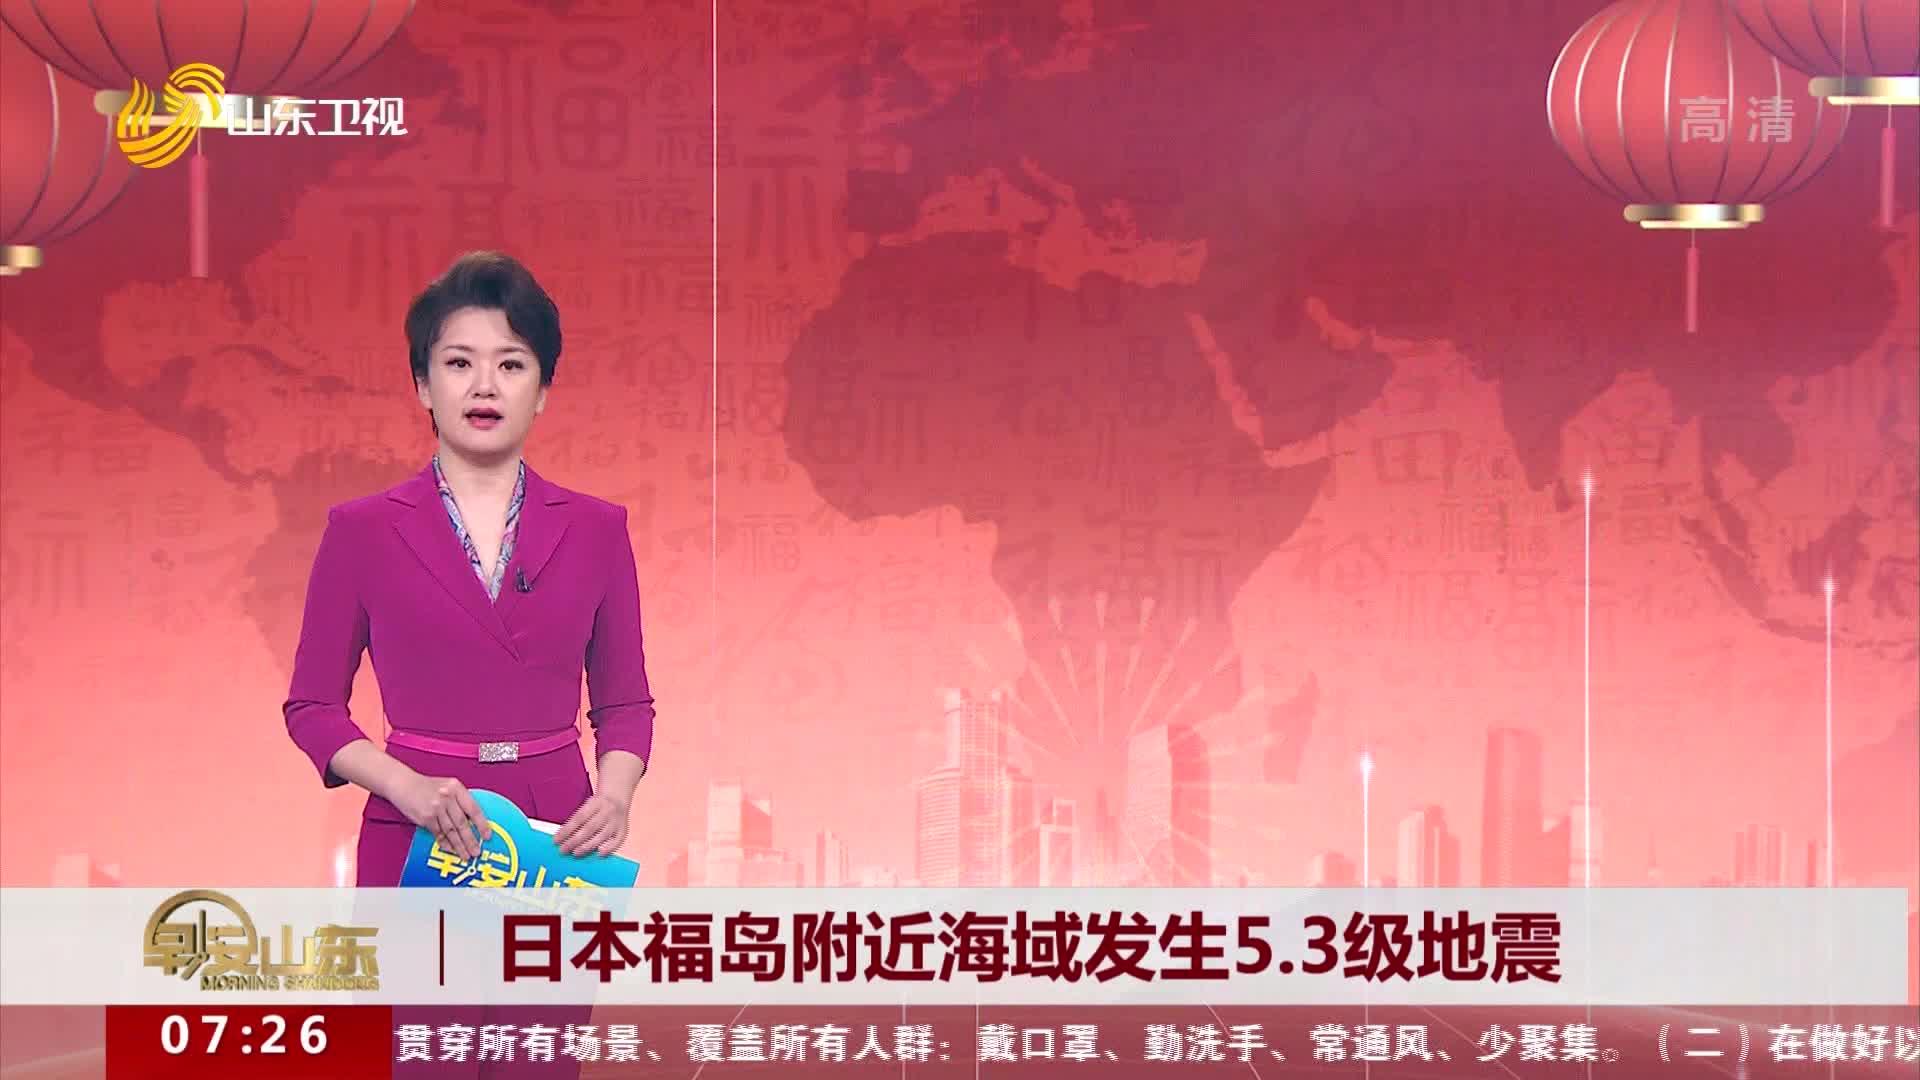 日本福岛附近海域发生5.3级地震